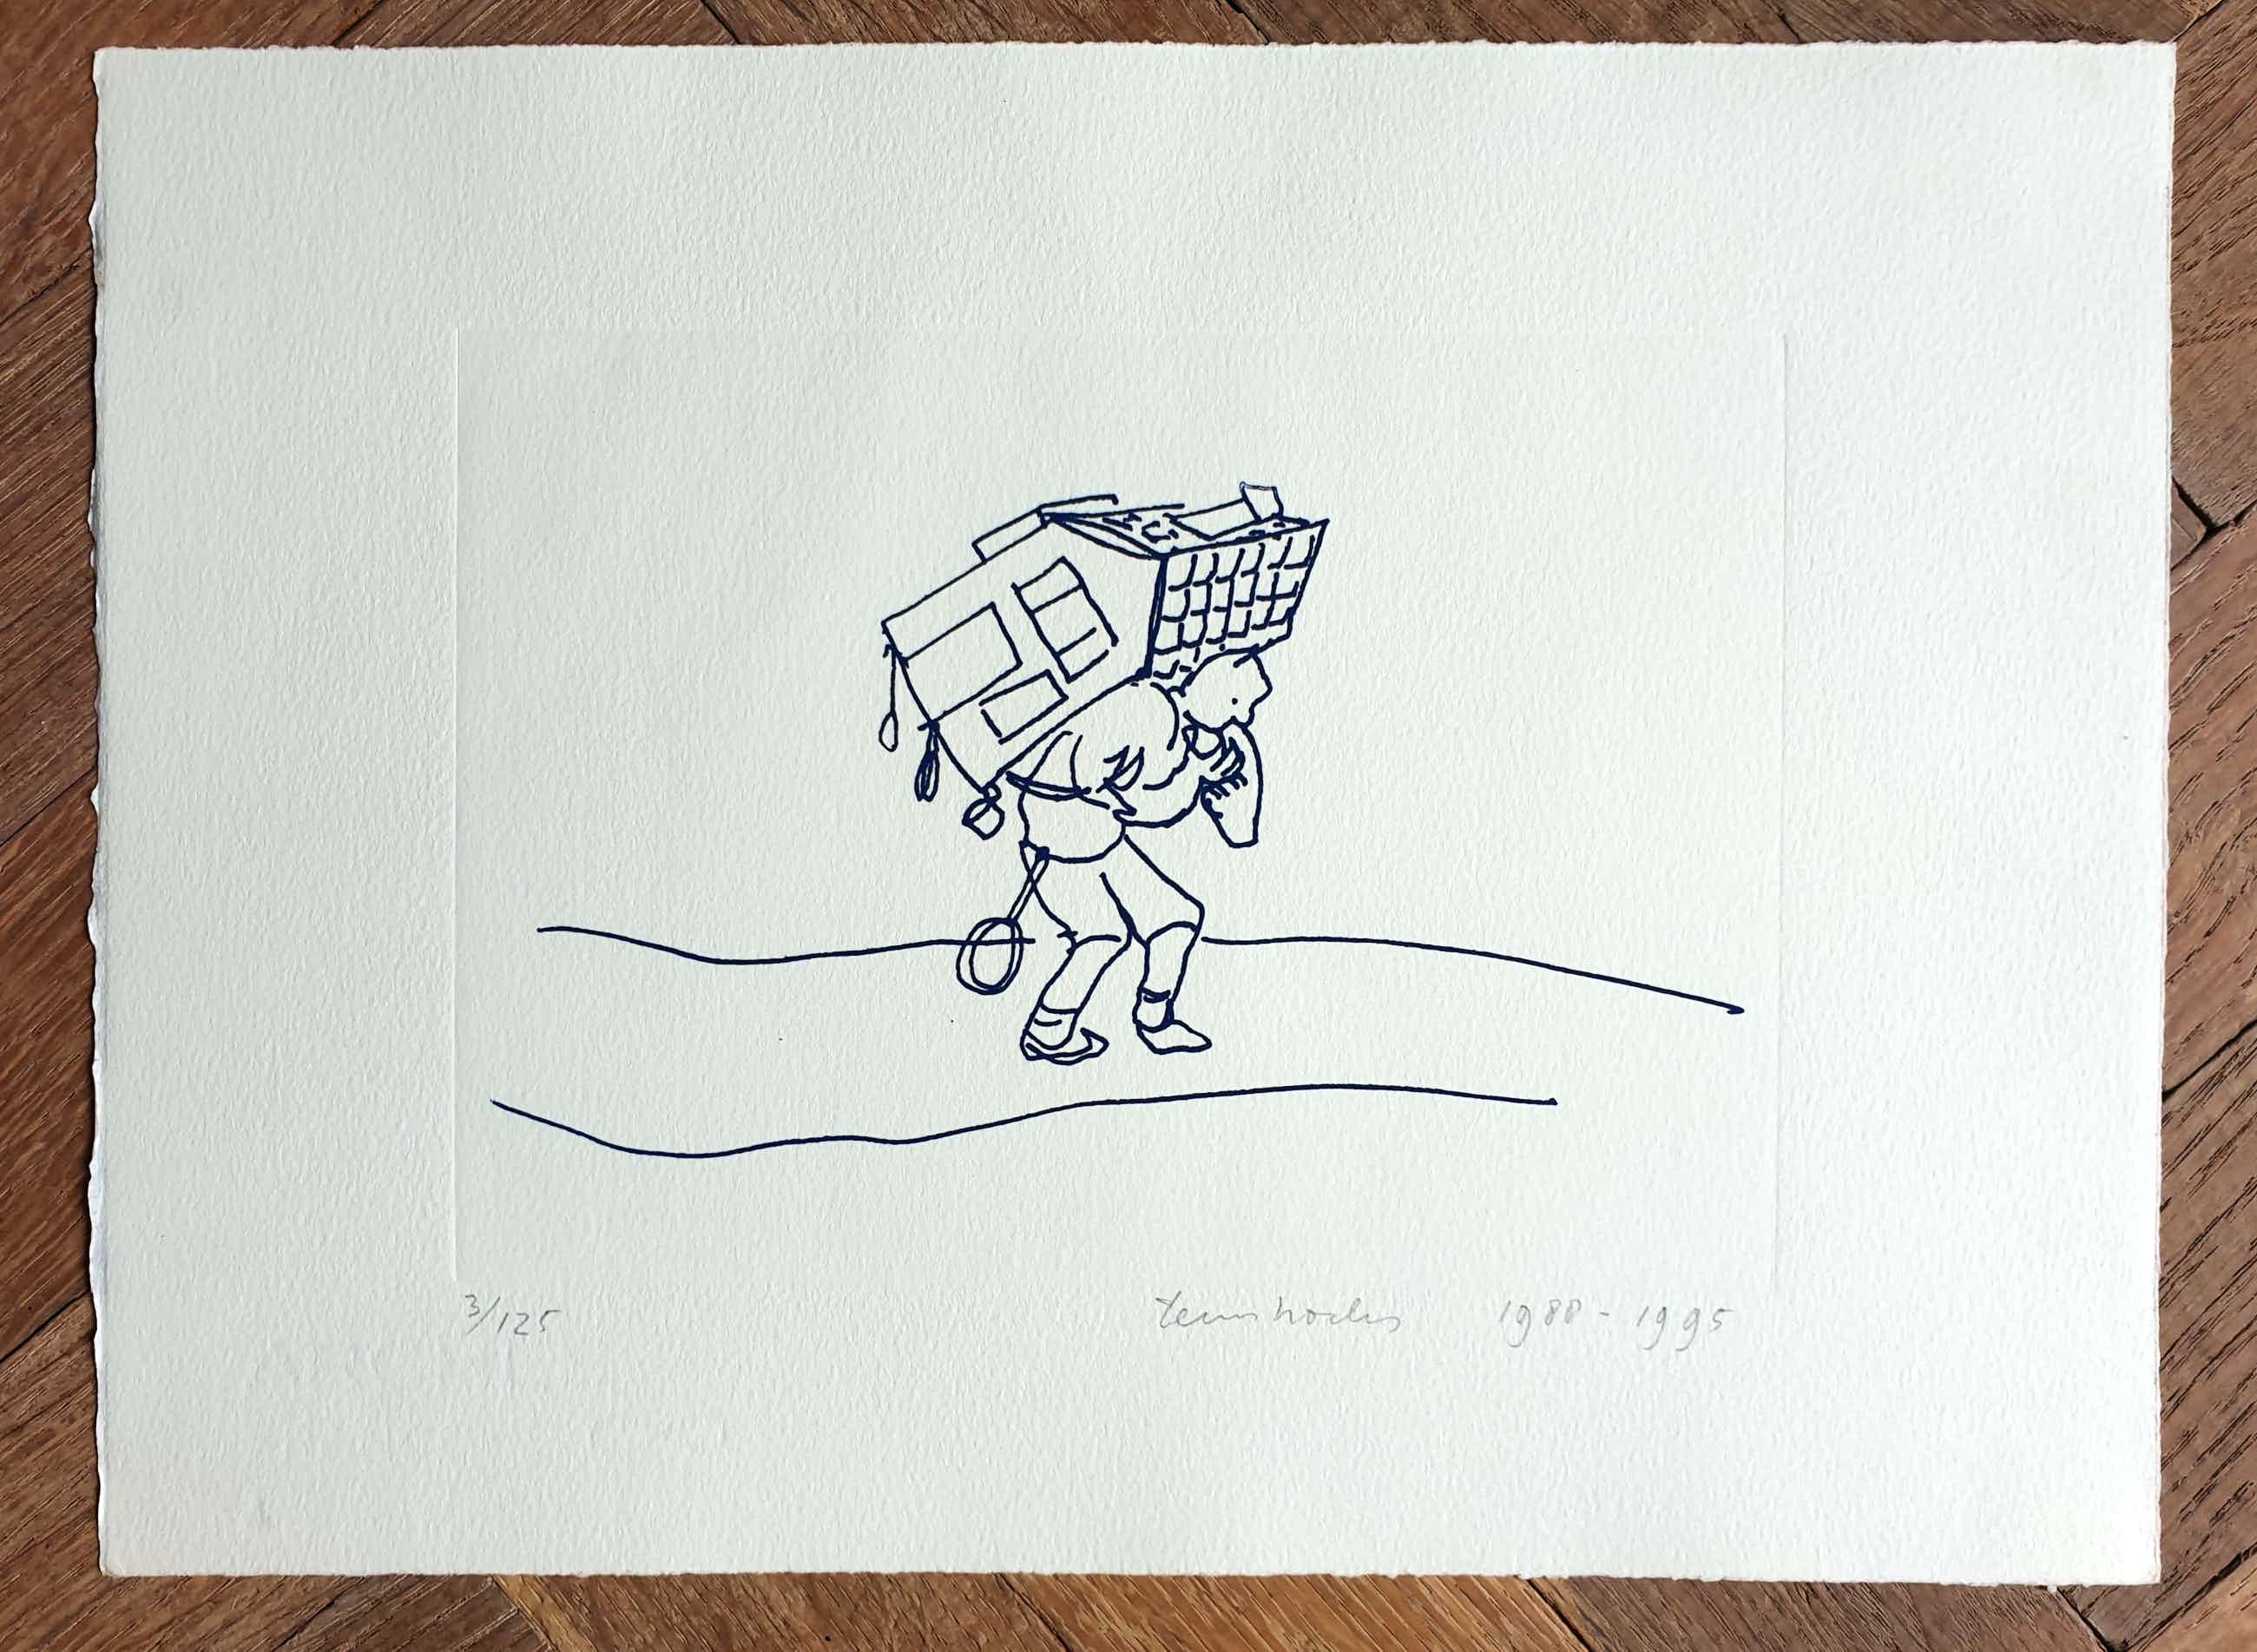 Teun Hocks - Man met huis op zijn rug - ets 1988/1995 - 3/125- 23 x 31 cm kopen? Bied vanaf 125!